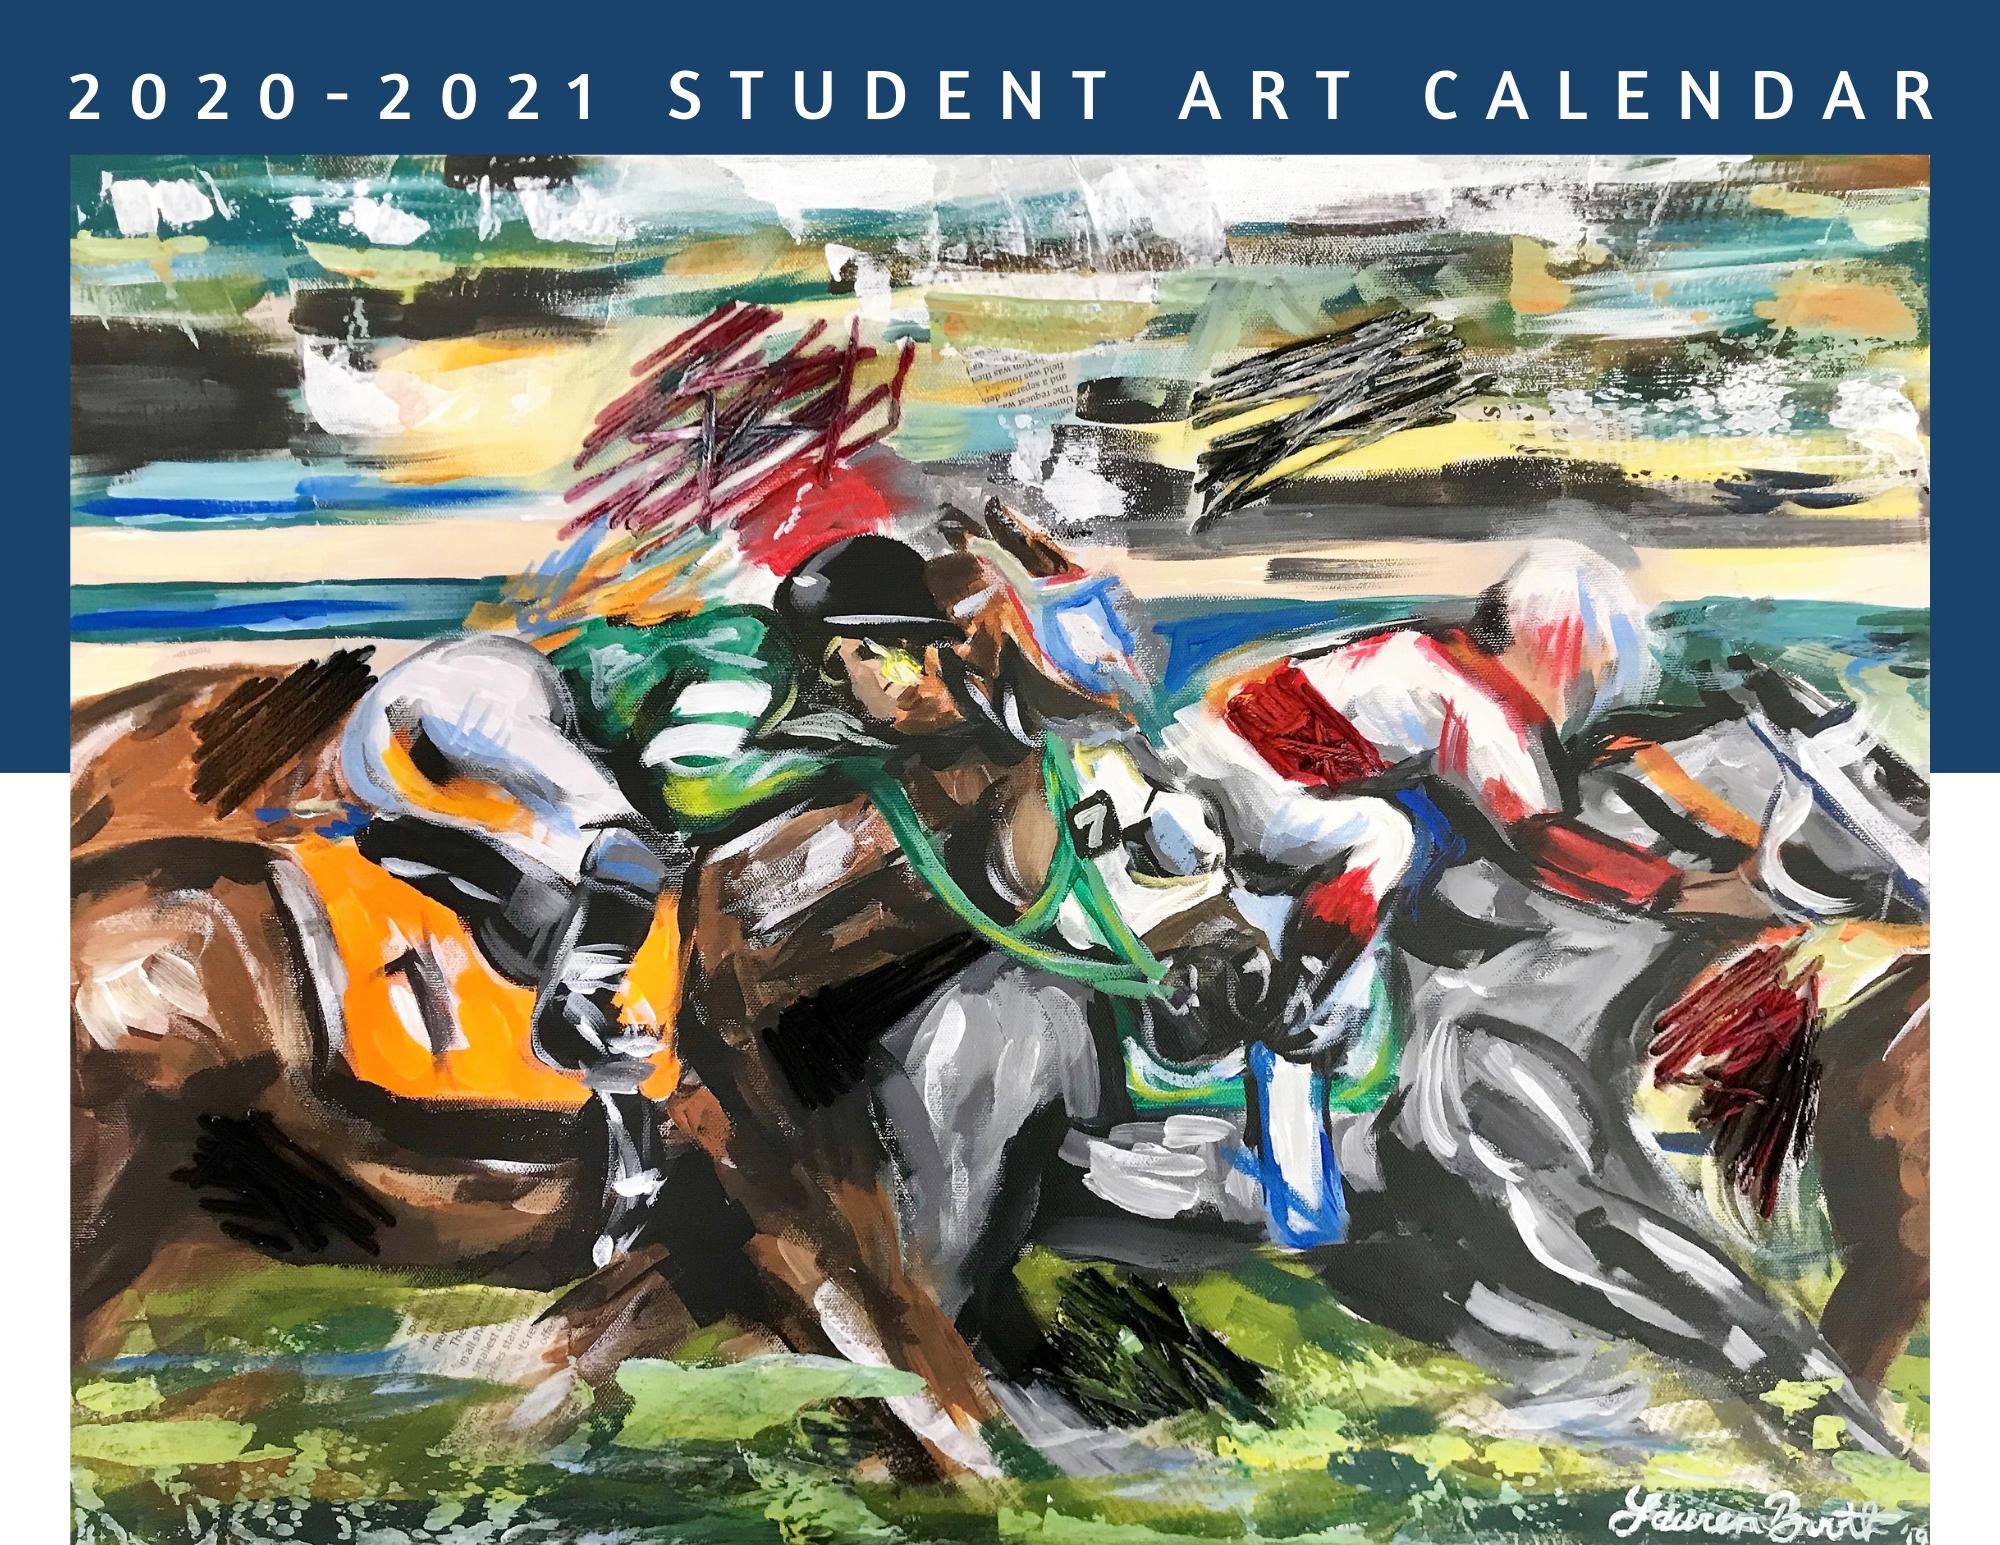 2020-2021 Student Art Calendar